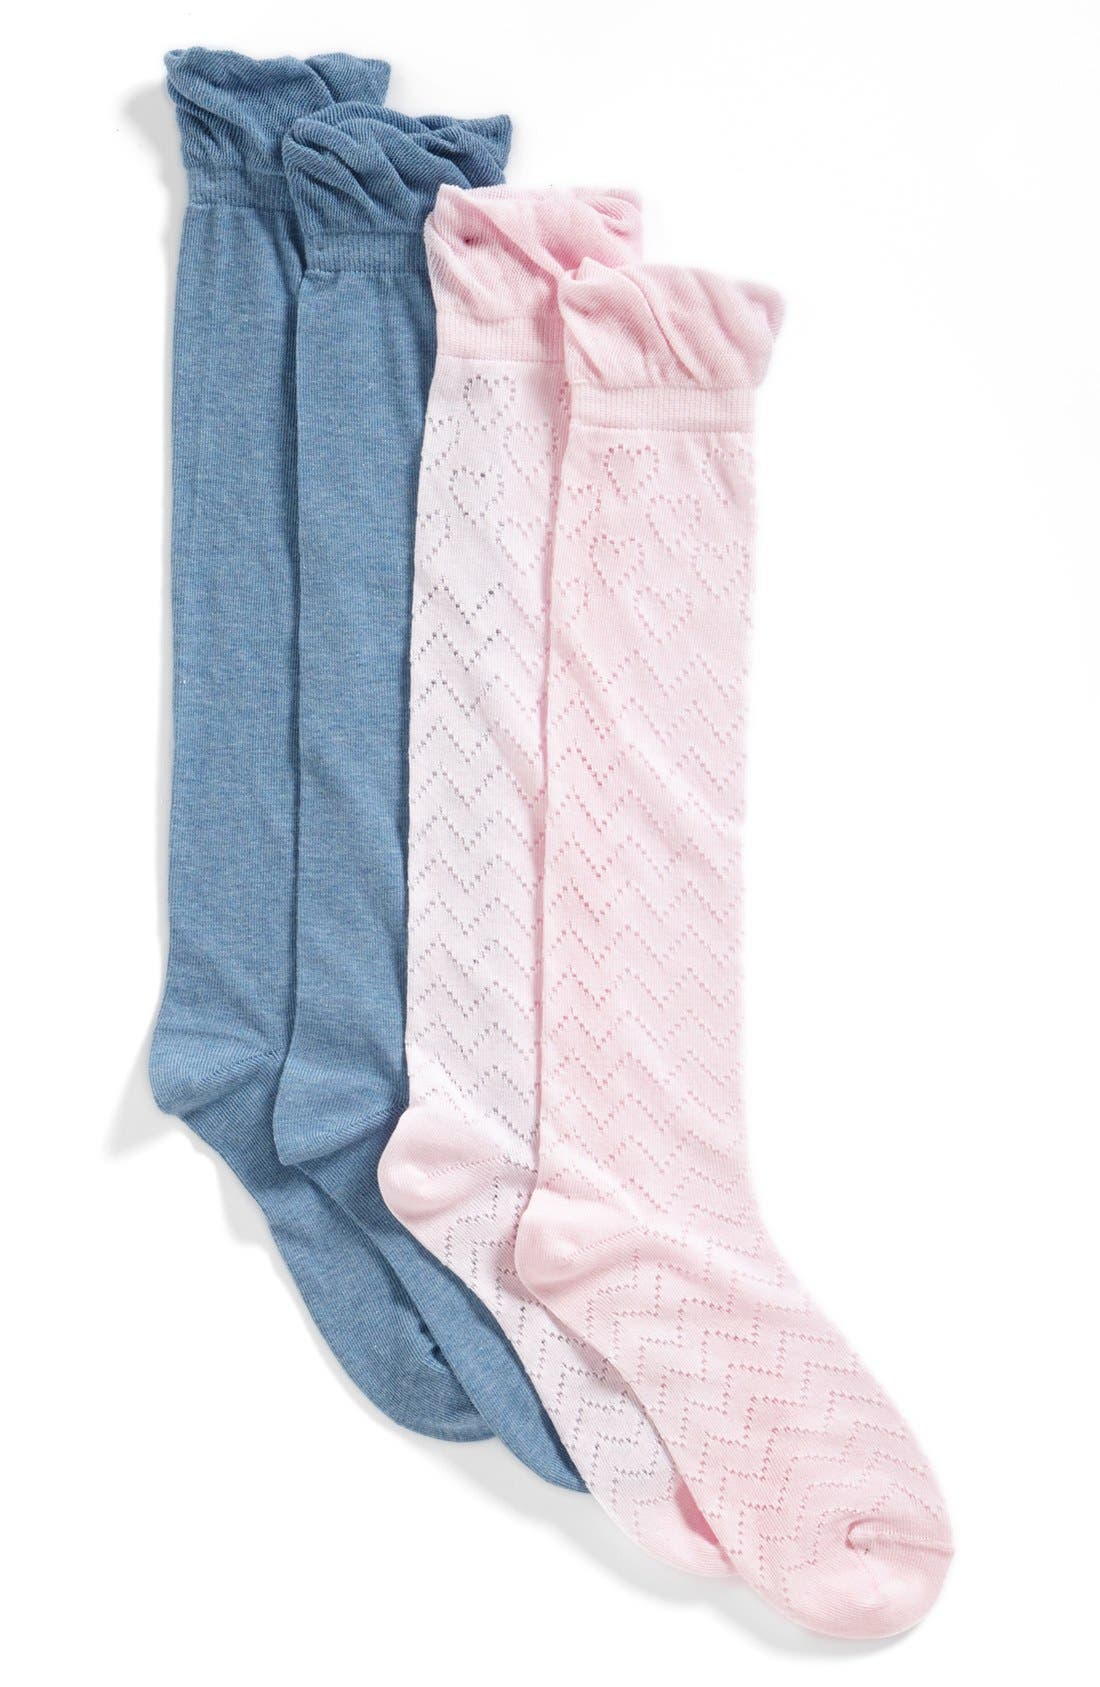 Alternate Image 1 Selected - Nordstrom 'Pointelle Toppers' Knee Socks (2-Pack) (Little Girls)